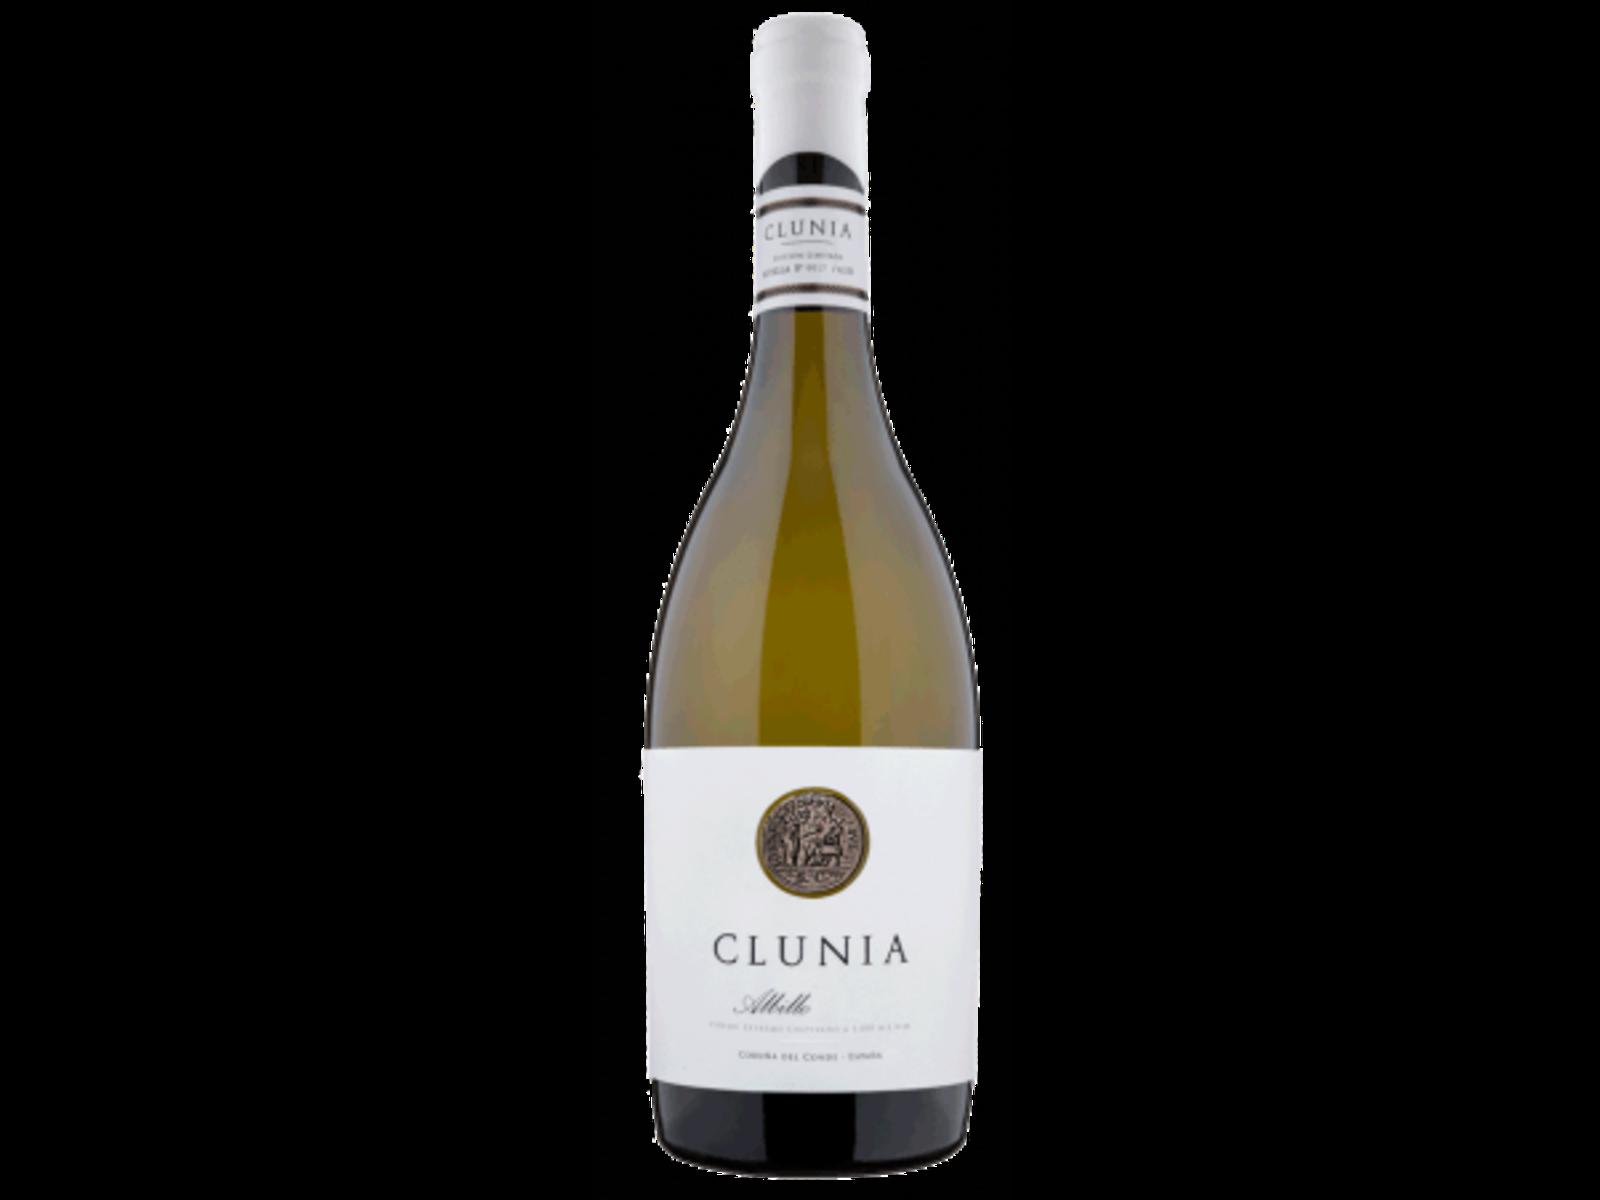 Clunia Clunia / Albillo